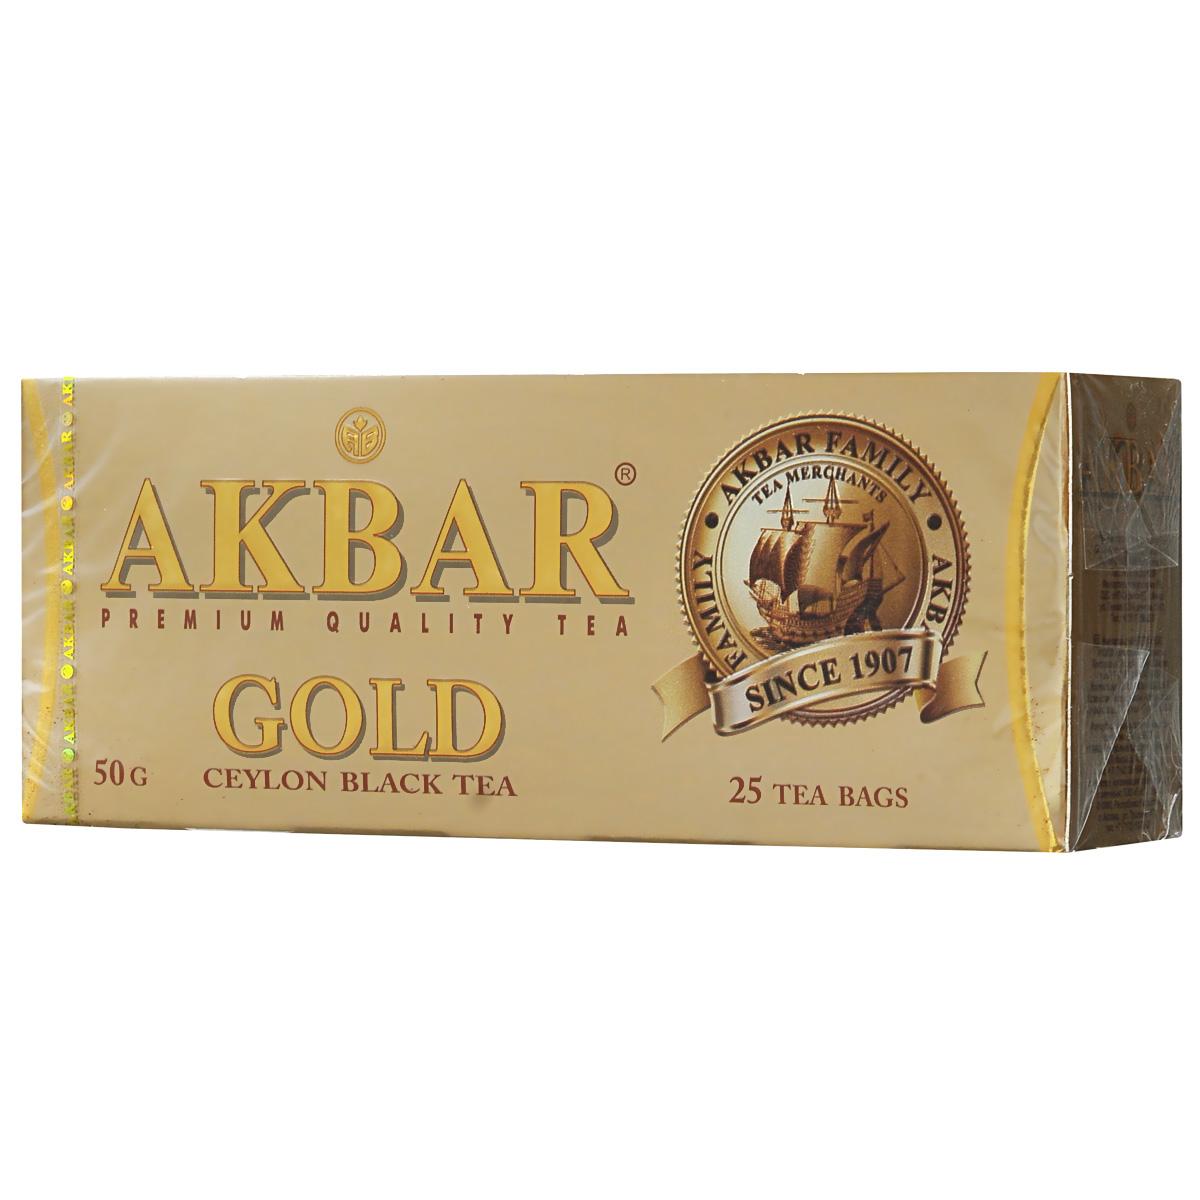 Akbar Gold черный чай в пакетиках, 25 шт1041135Черный чай Akbar Gold отличается исключительным ароматом и цветом настоя, особой яркости которого во многом способствует высокое содержание в листьях теафлавина.Отборные сорта чая, используемого для производства этого уникального купажа, бережно выращиваются на всемирно известных плантациях, которые находятся в окутанных холодным туманом горах Nuwara Eliya и Dimbulla. Nuwara Eliya (в переводе Над облаками) – овальное плато, лежащее на высоте 6,240 футов над уровнем моря – самая высокая область выращивания чая, который за его изысканный букет вкуса и аромата часто называют шампанским цейлонского чая. Первые плантации в провинции Dimbulla, расположенной на западном склоне гор на высоте 3500 – 5000 футов над уровнем моря, появились еще в 70-х годах XIX века. Юго-западные муссонные дожди и прохладная погода с января по март оказывают огромное влияние на особые вкусовые характеристики выращиваемого здесь чая.